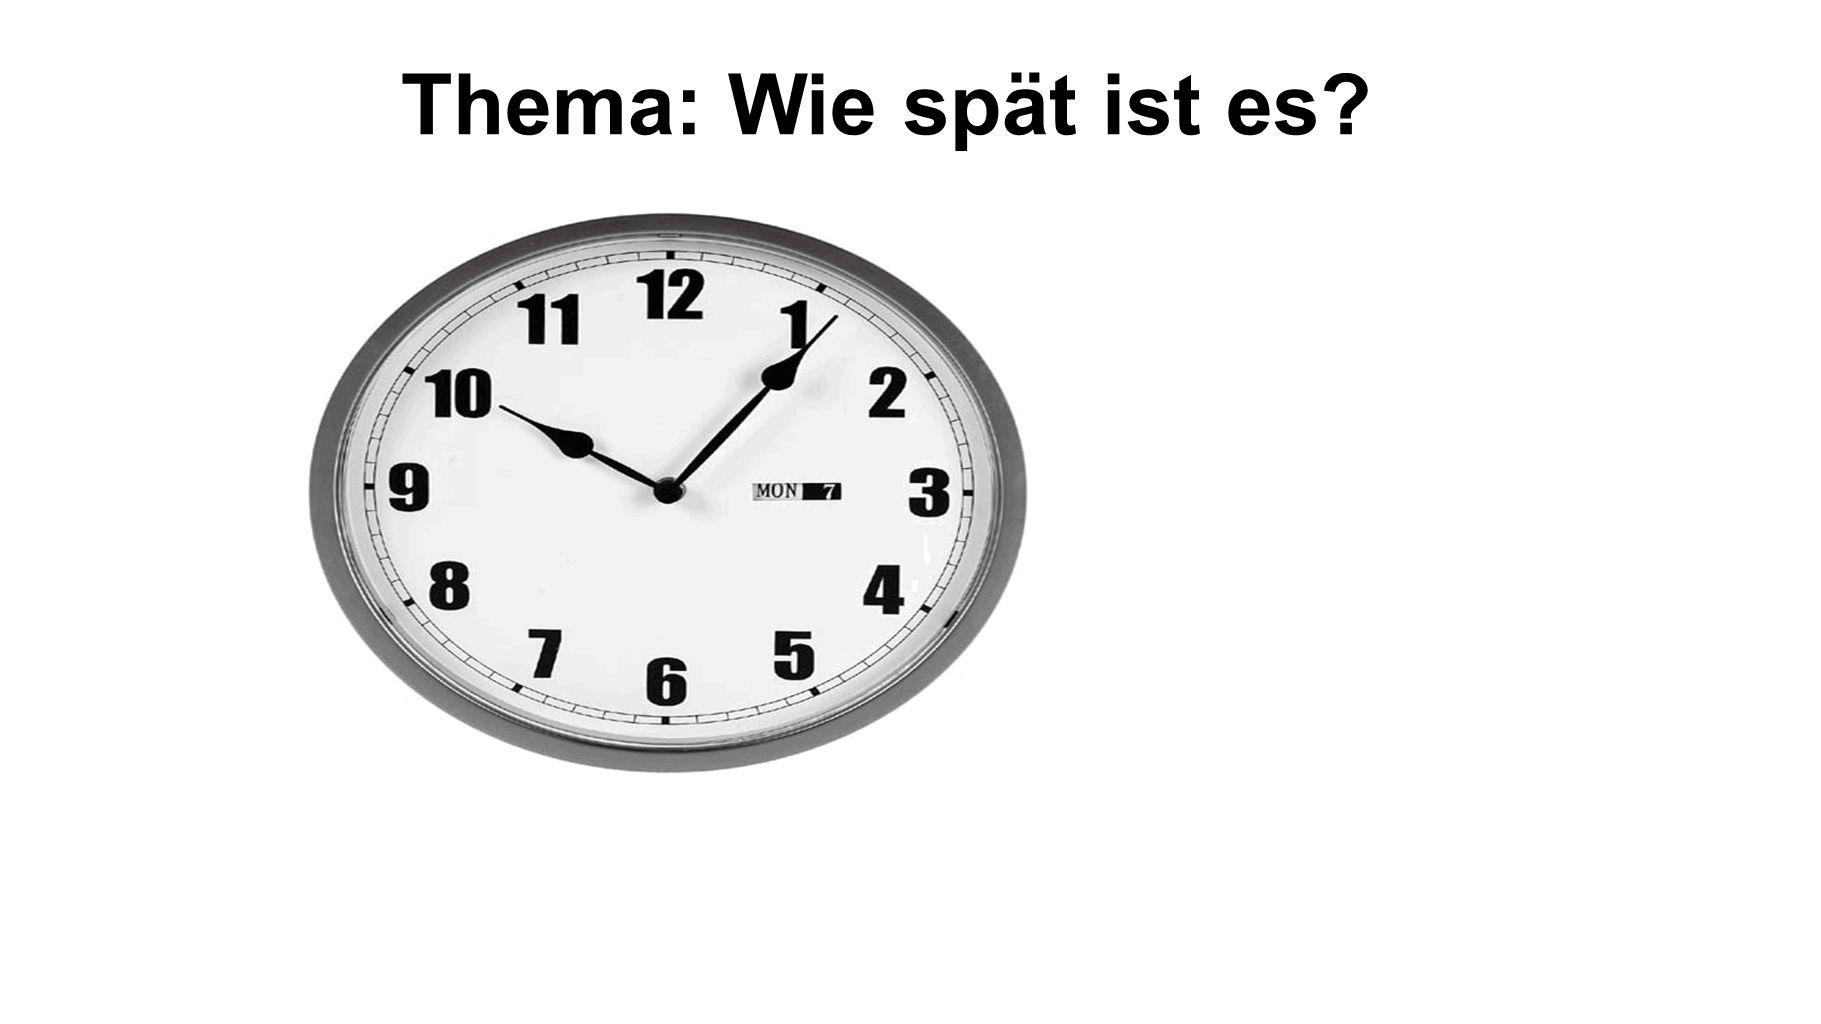 Thema: Wie spät ist es